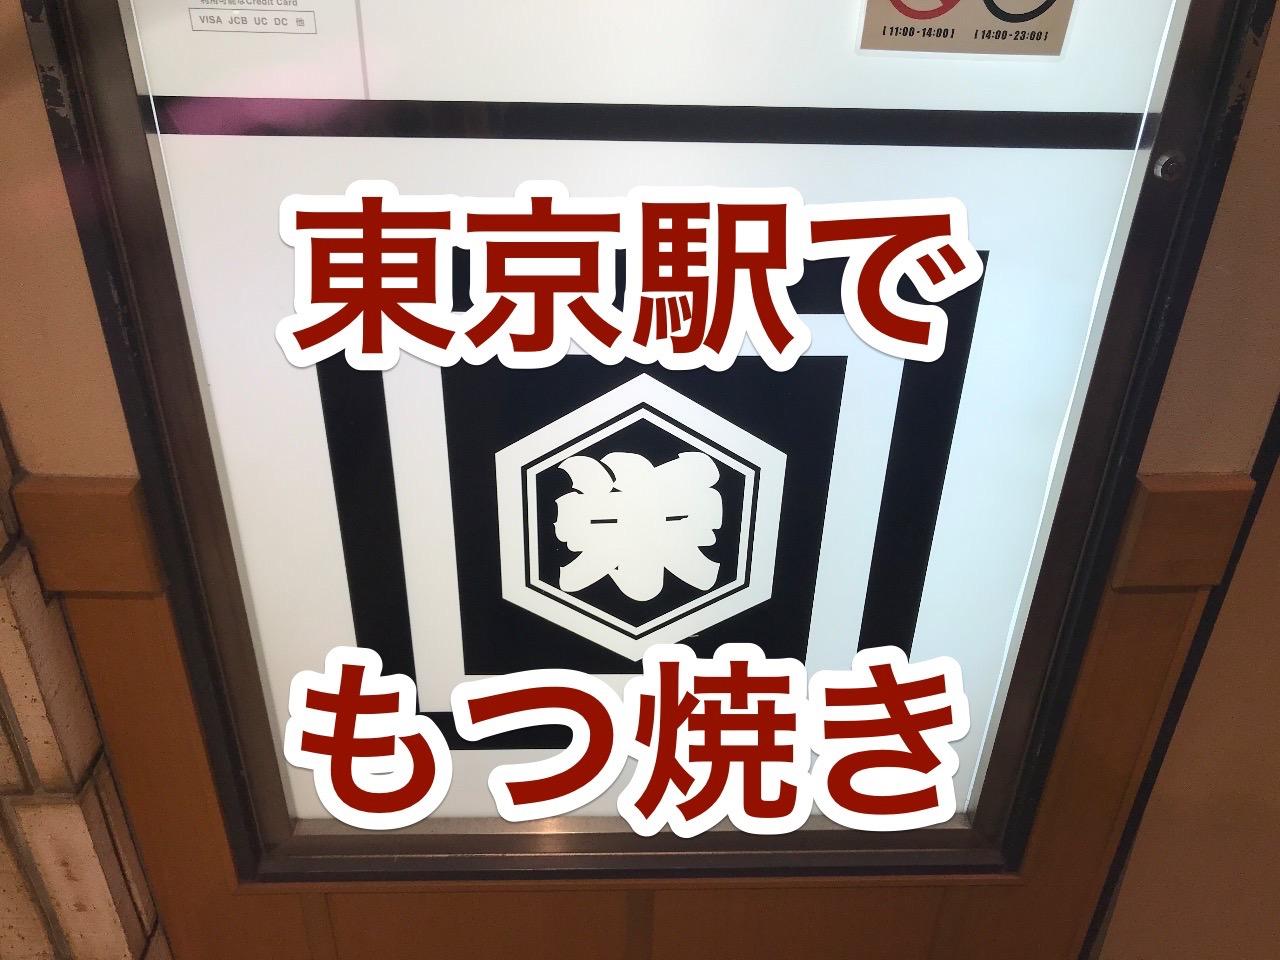 もつ焼き 栄司 東京駅